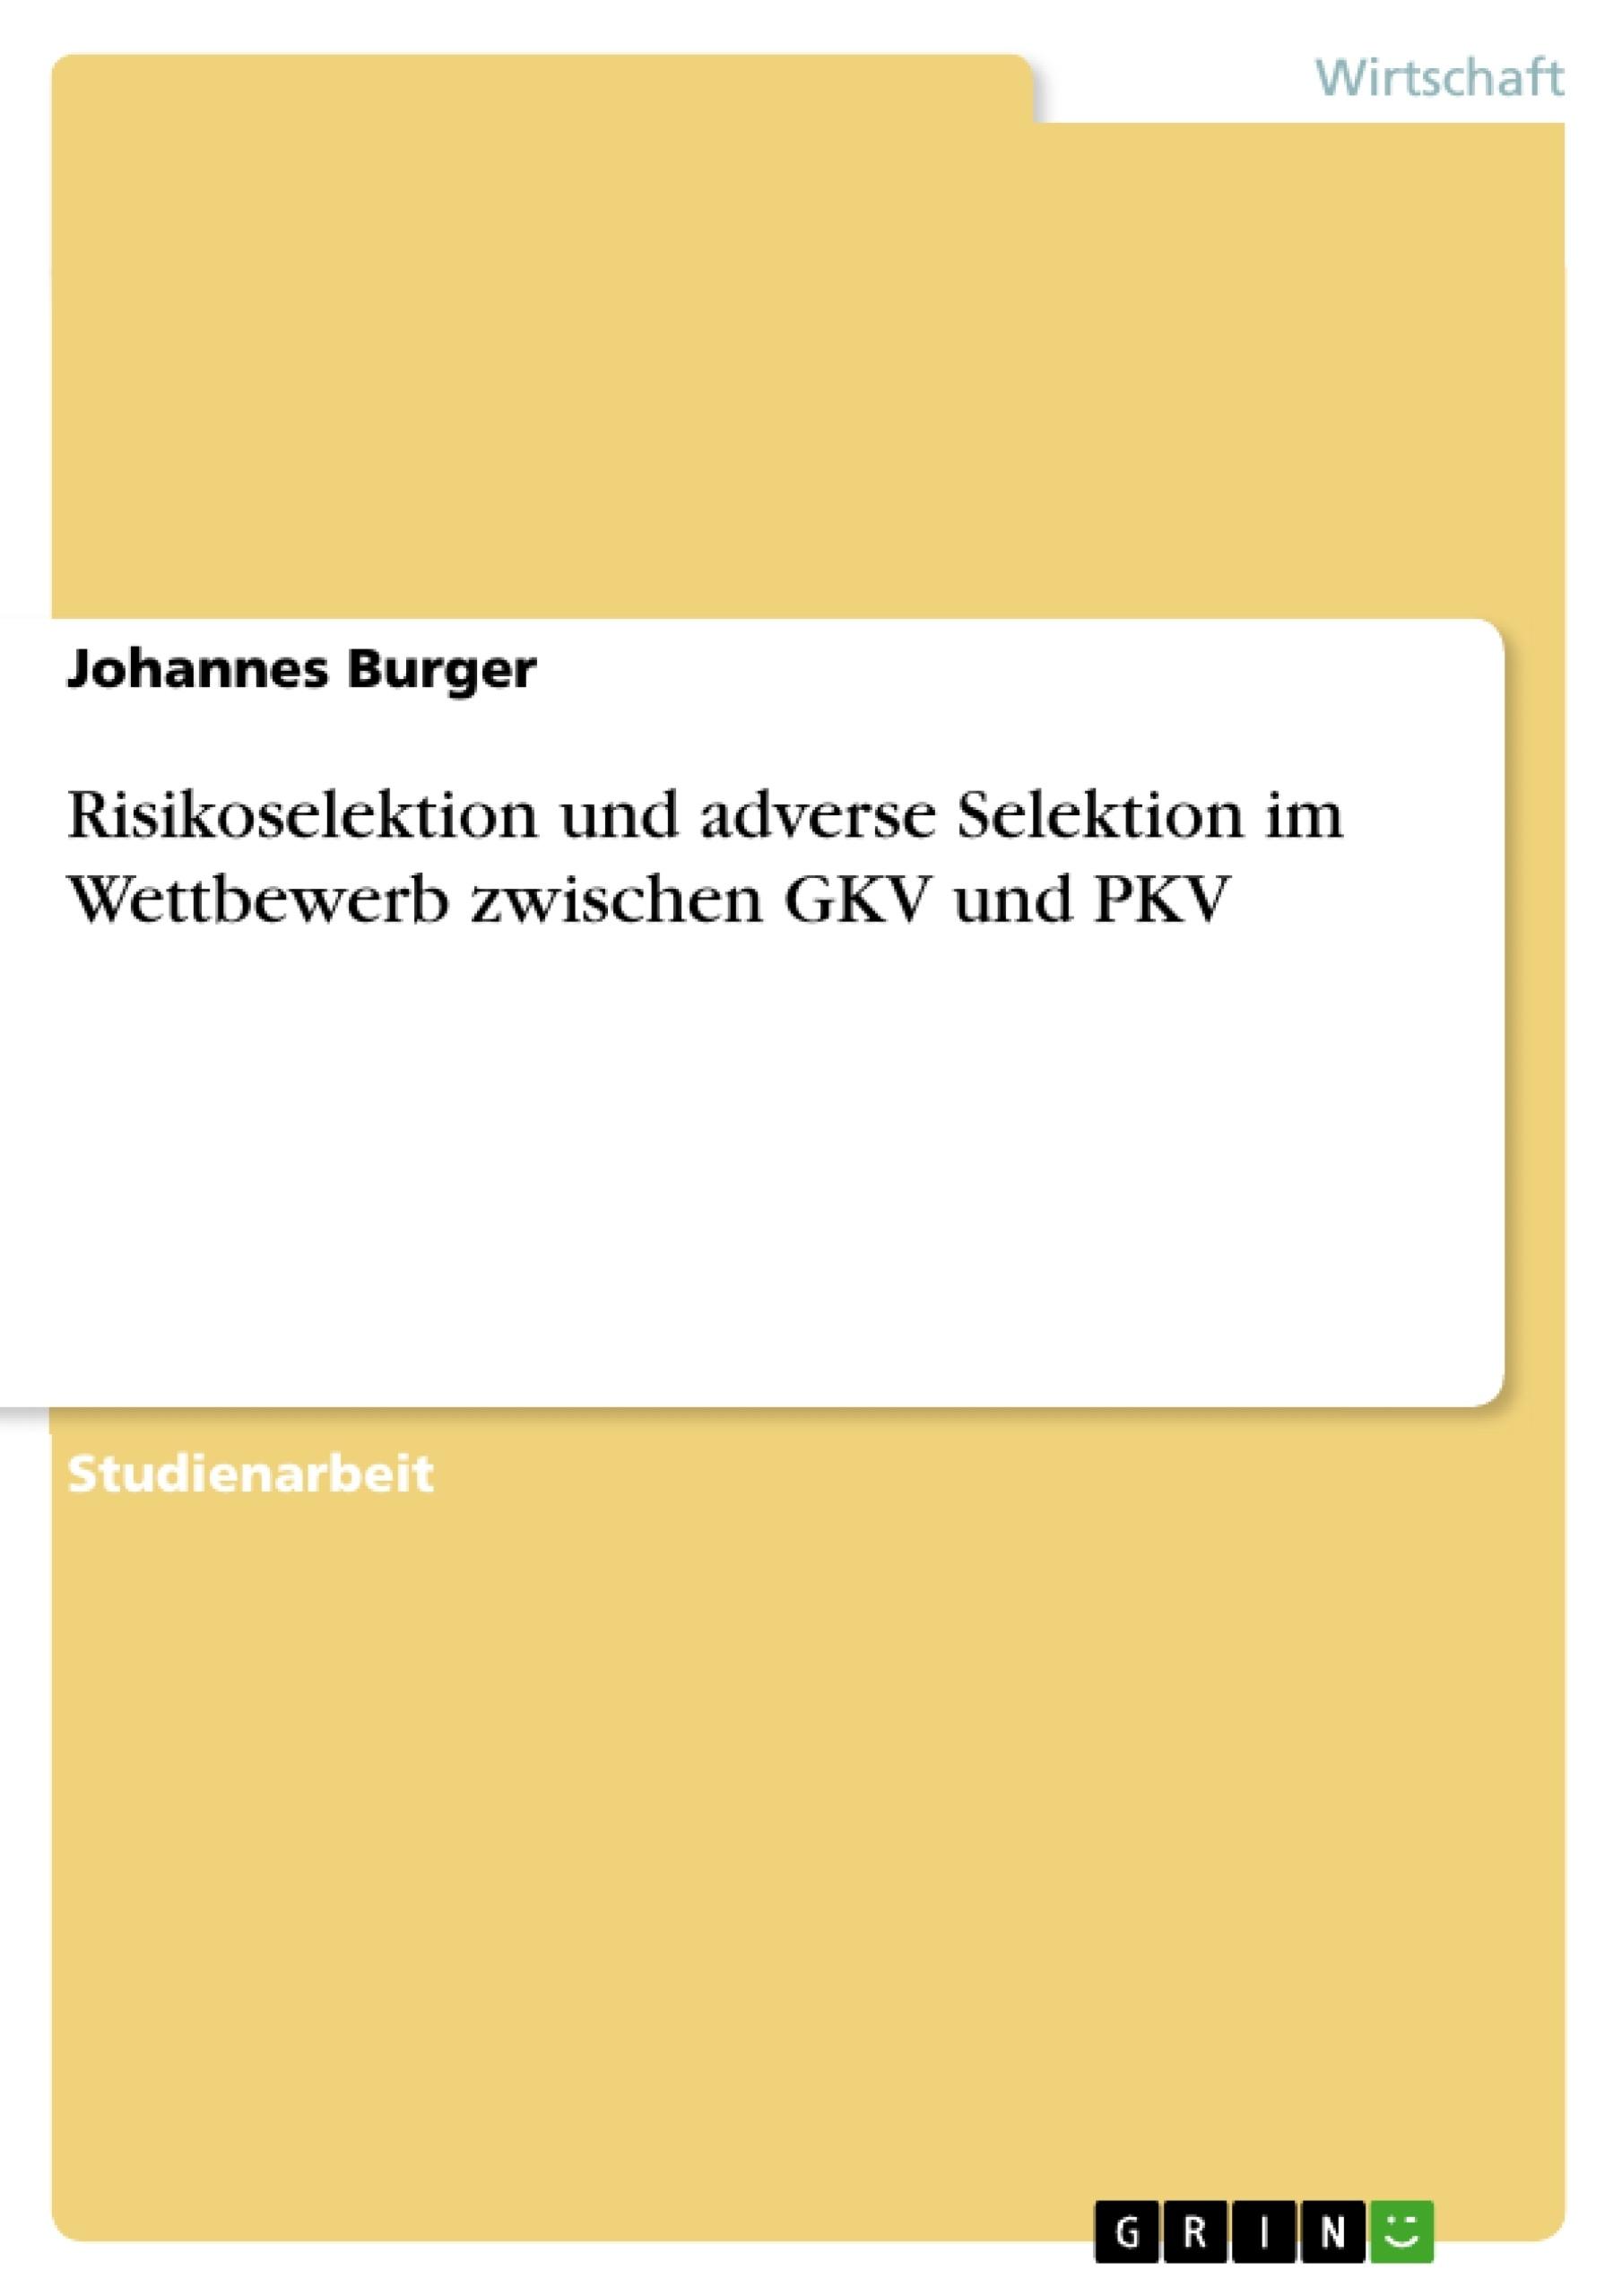 Titel: Risikoselektion und adverse Selektion im Wettbewerb zwischen GKV und PKV